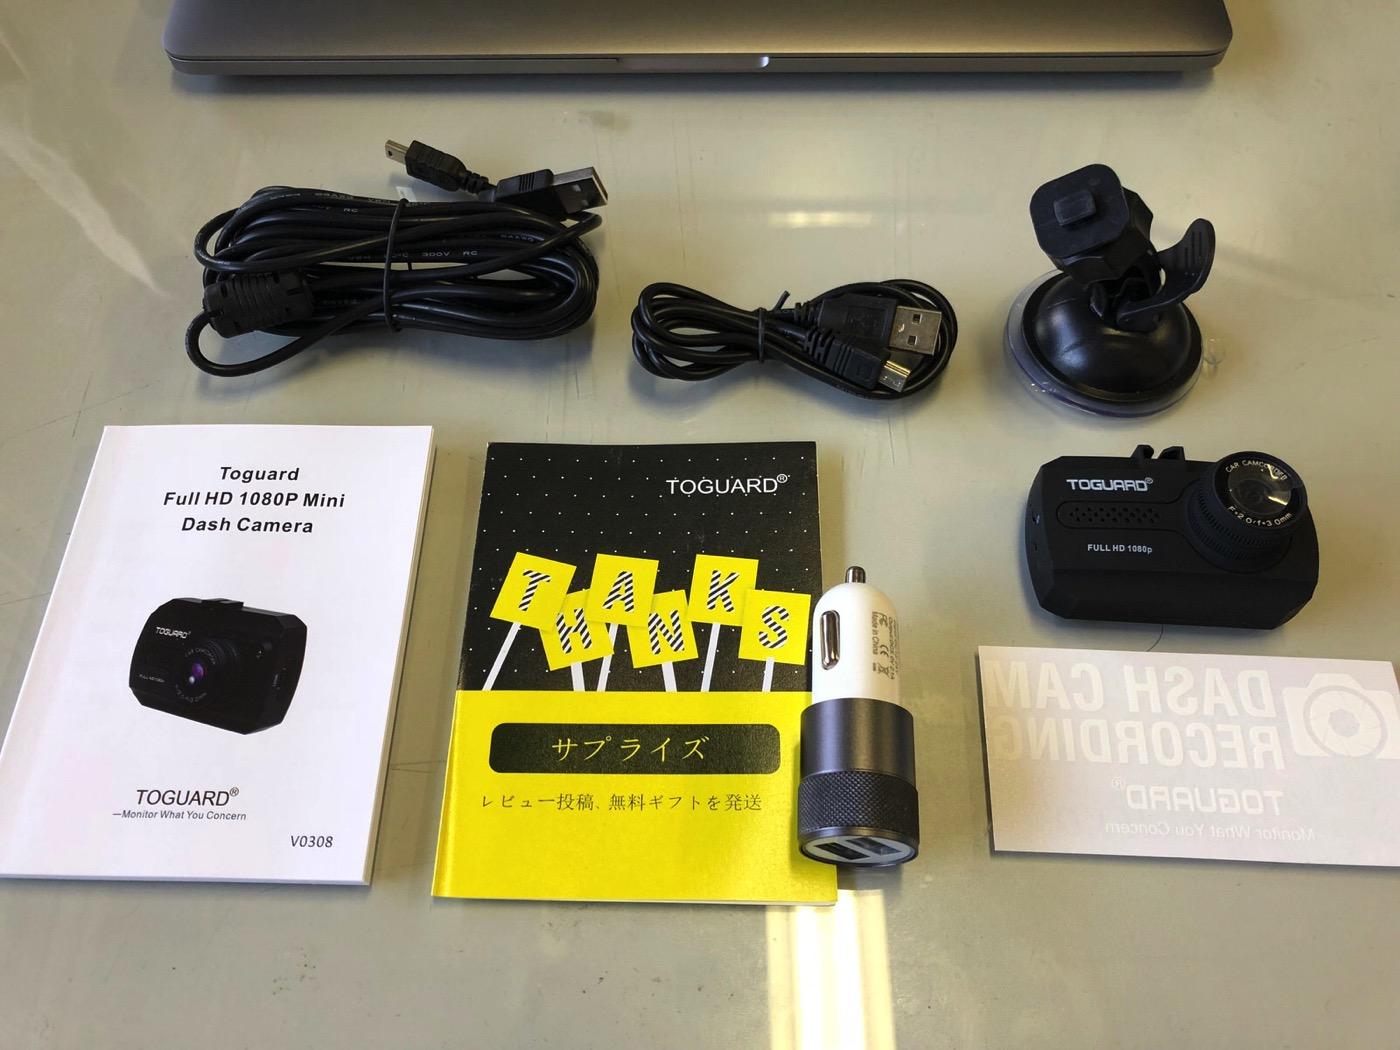 Toguard ドライブレコーダー ドラレコ 1080P フルHD 動き検知 常時録画 上書き録画 Gセンサー搭載 16Gカード付属-2